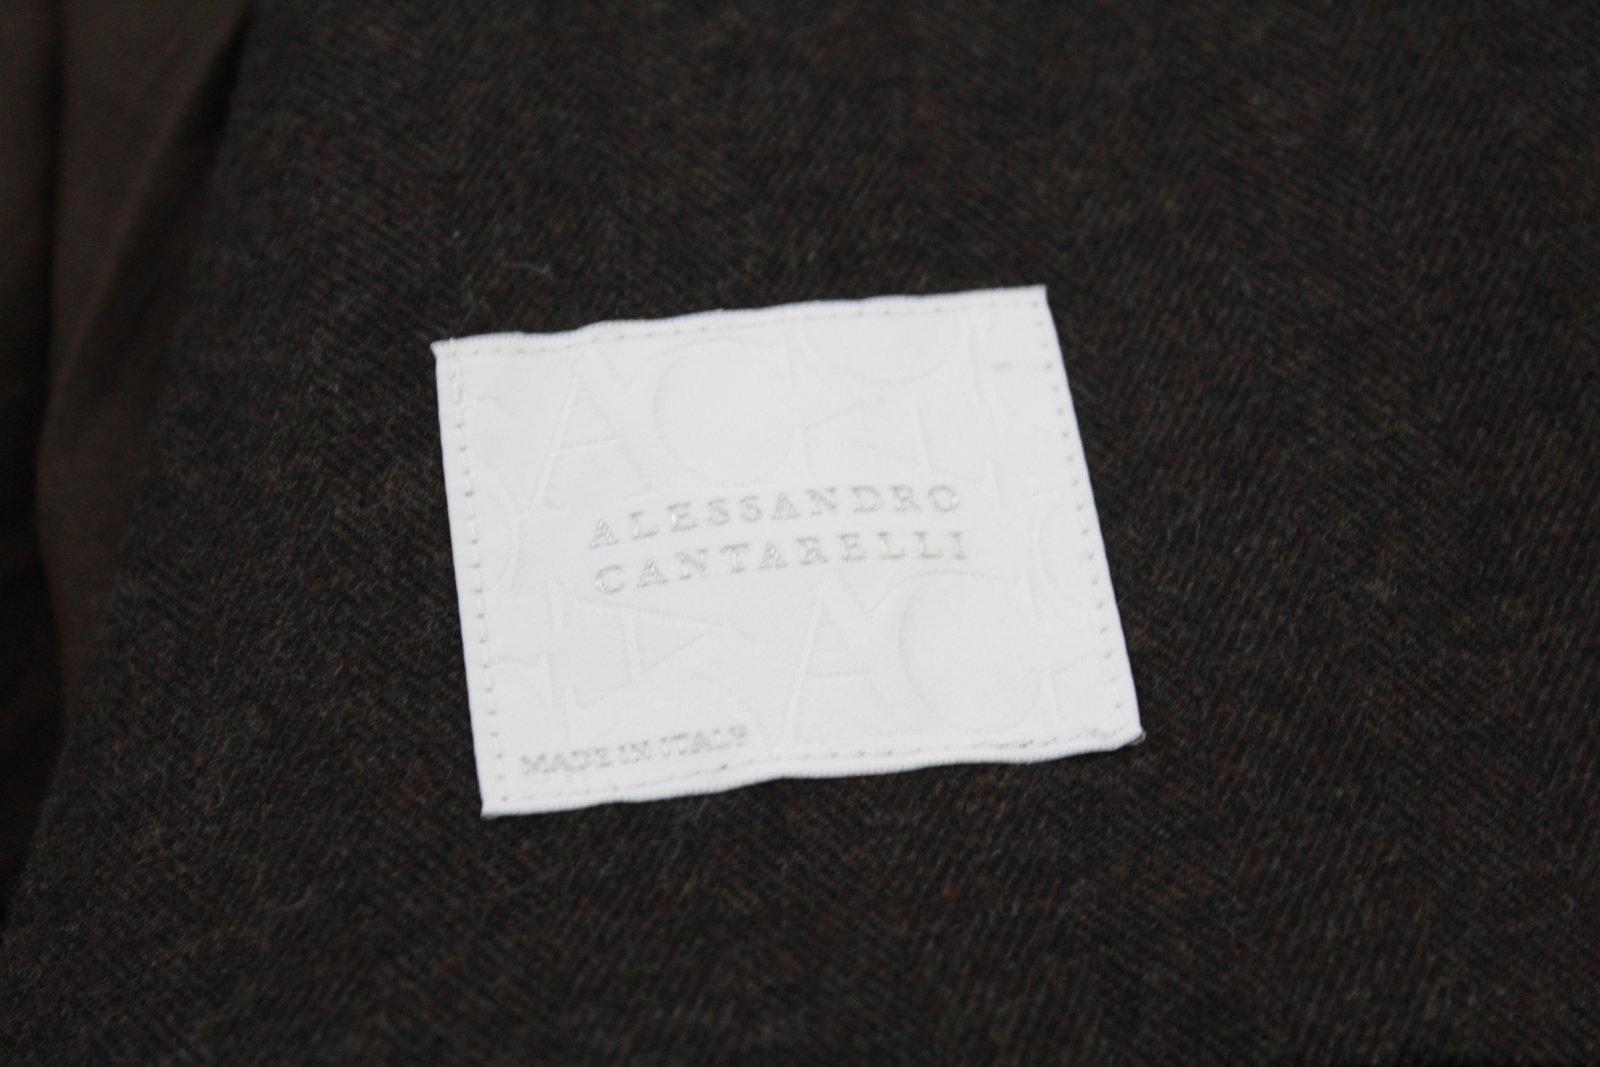 8E6E533F-64A6-4E91-8CDA-1F94CE85628C.jpeg